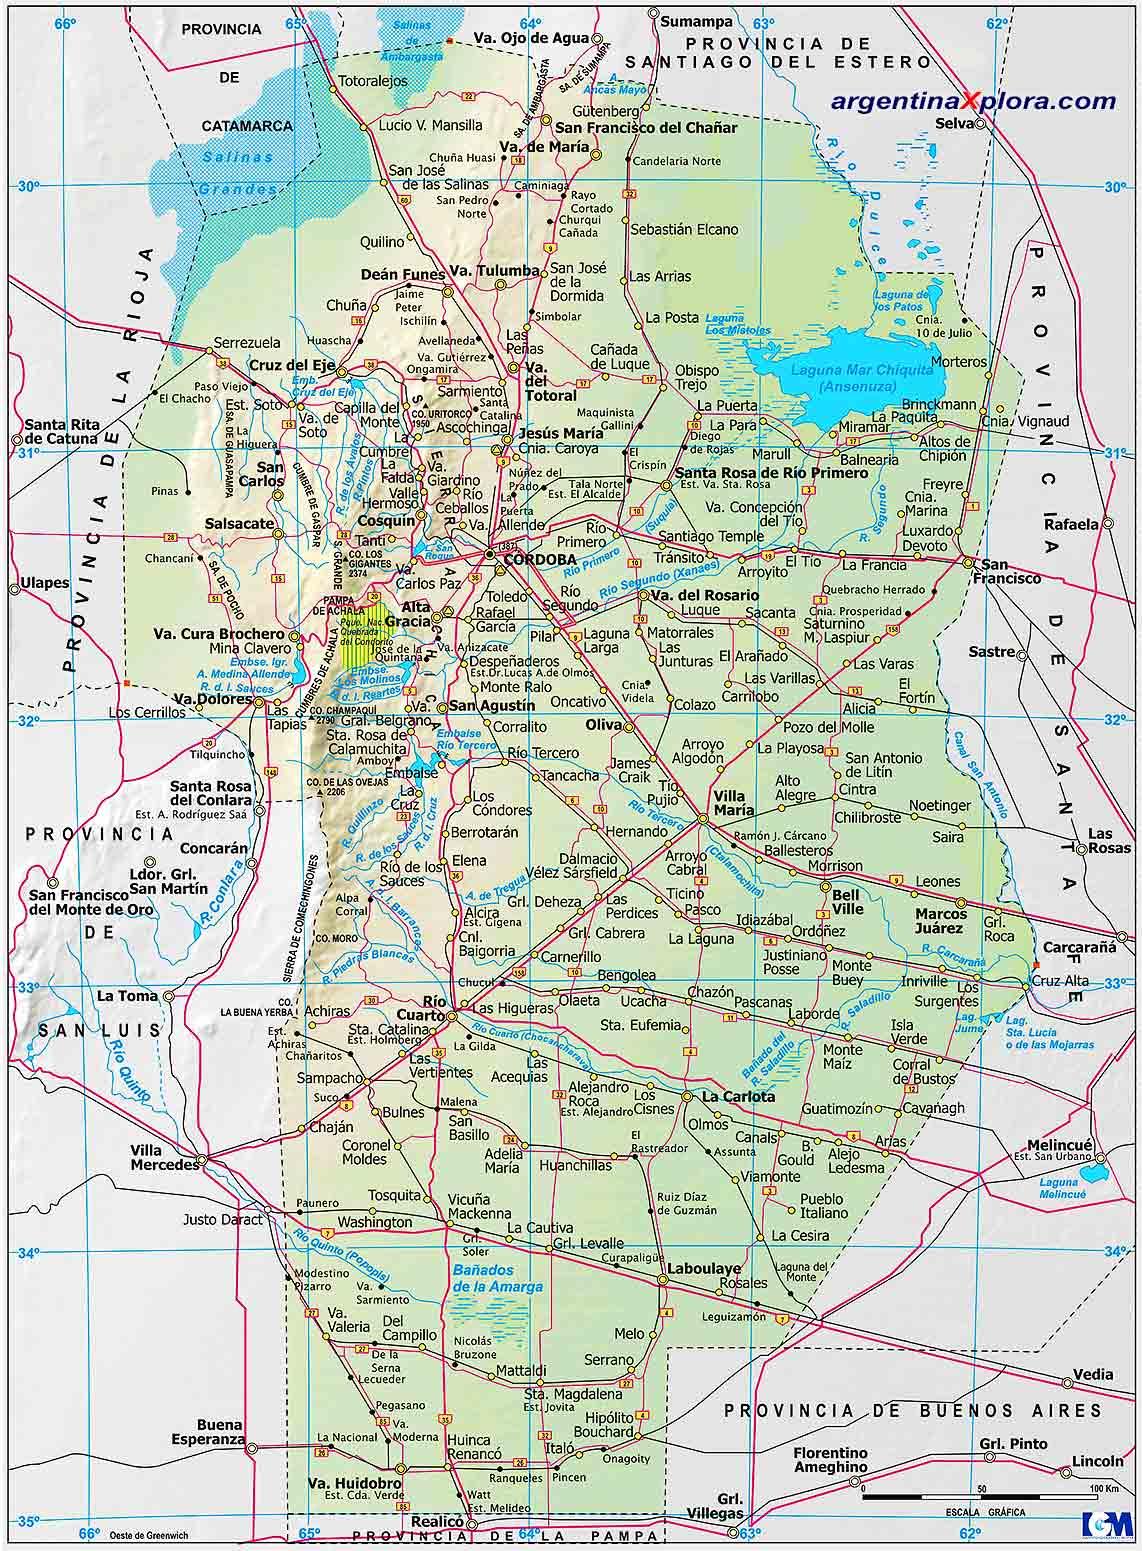 Mapa De Rutas Y Localidades De La Provincia De Cordoba Argentina